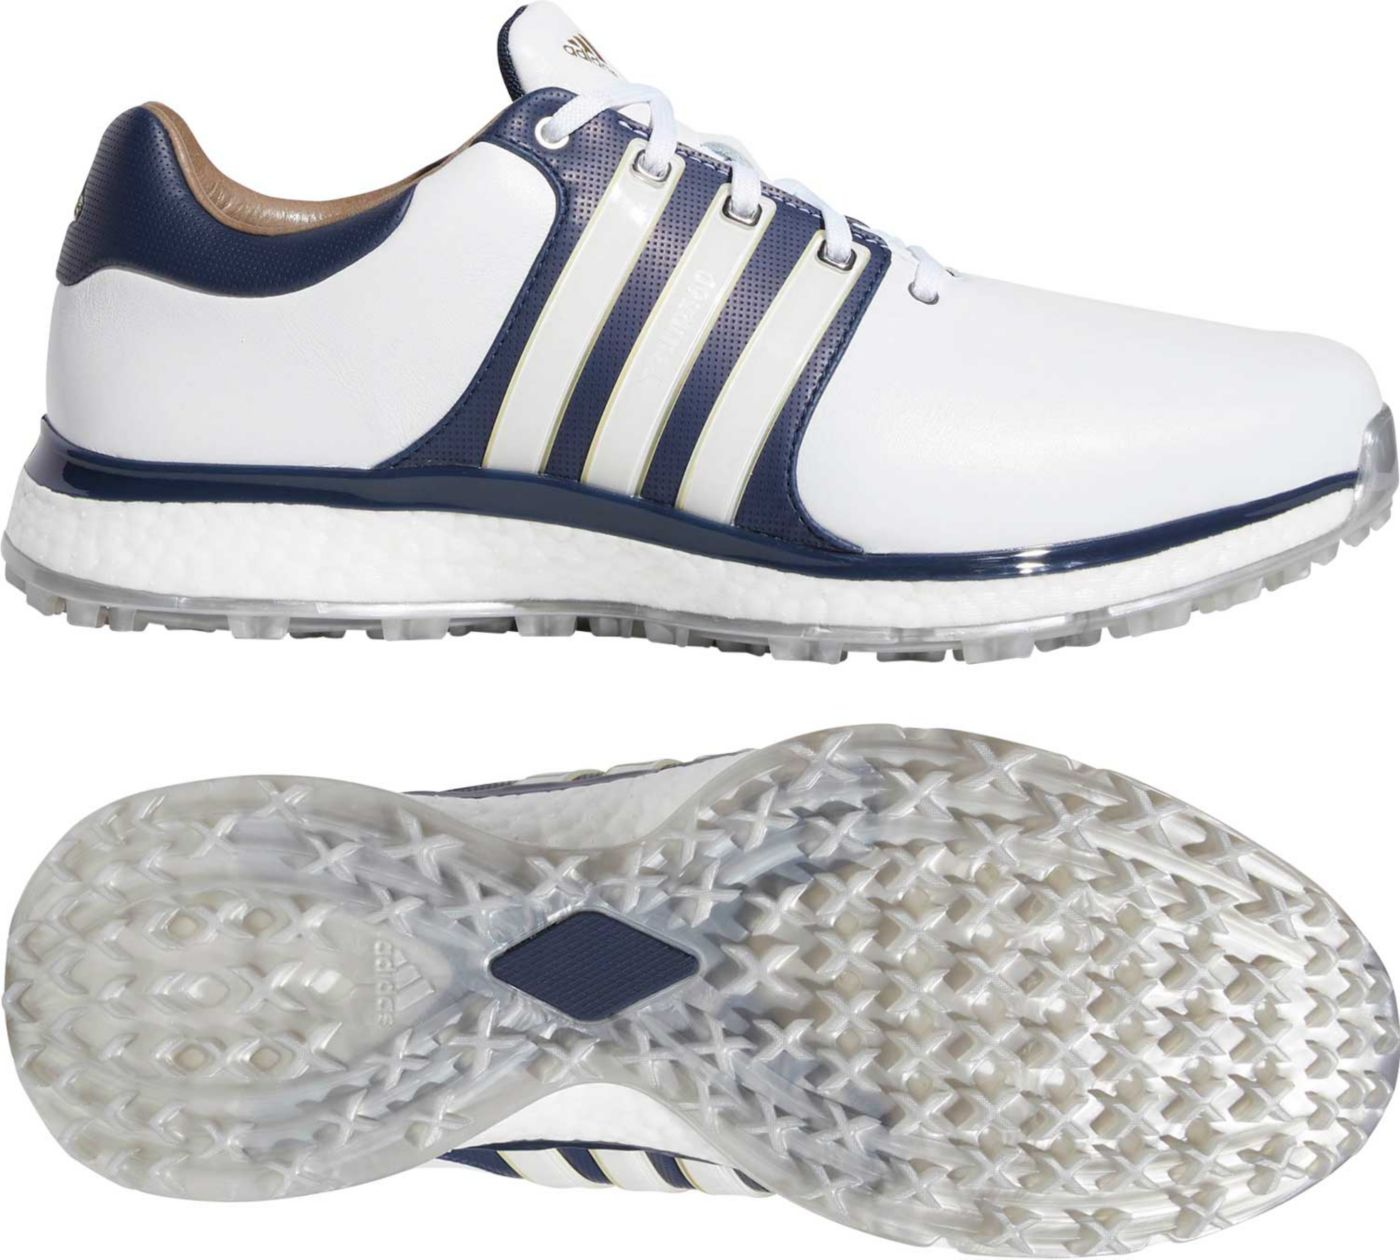 adidas Men's TOUR360 XT SL Golf Shoes